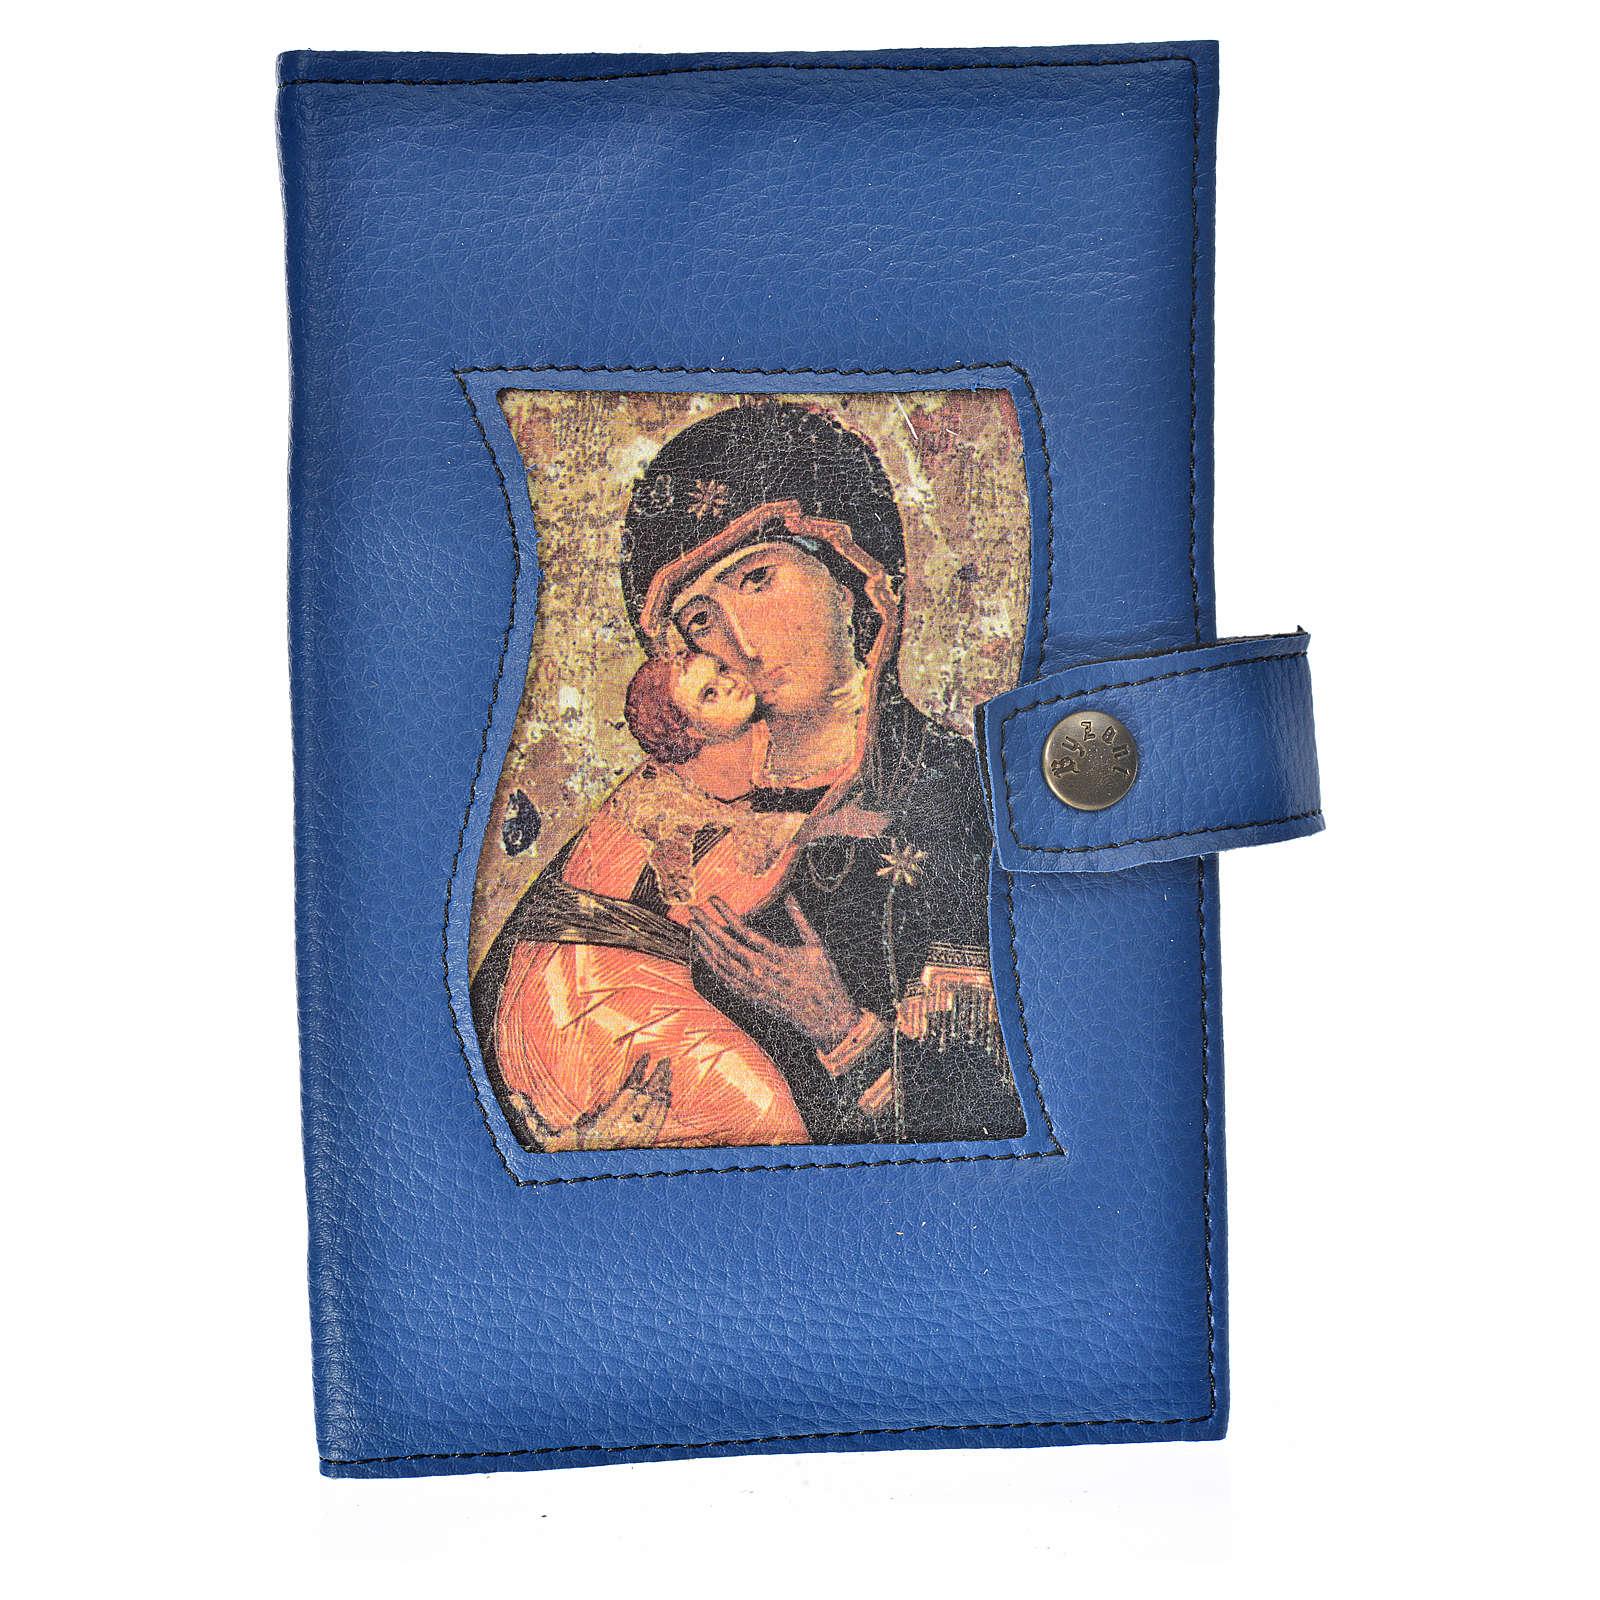 Funda Biblia Jerusalén Nueva Ed. Virgen s. cuero azul 4